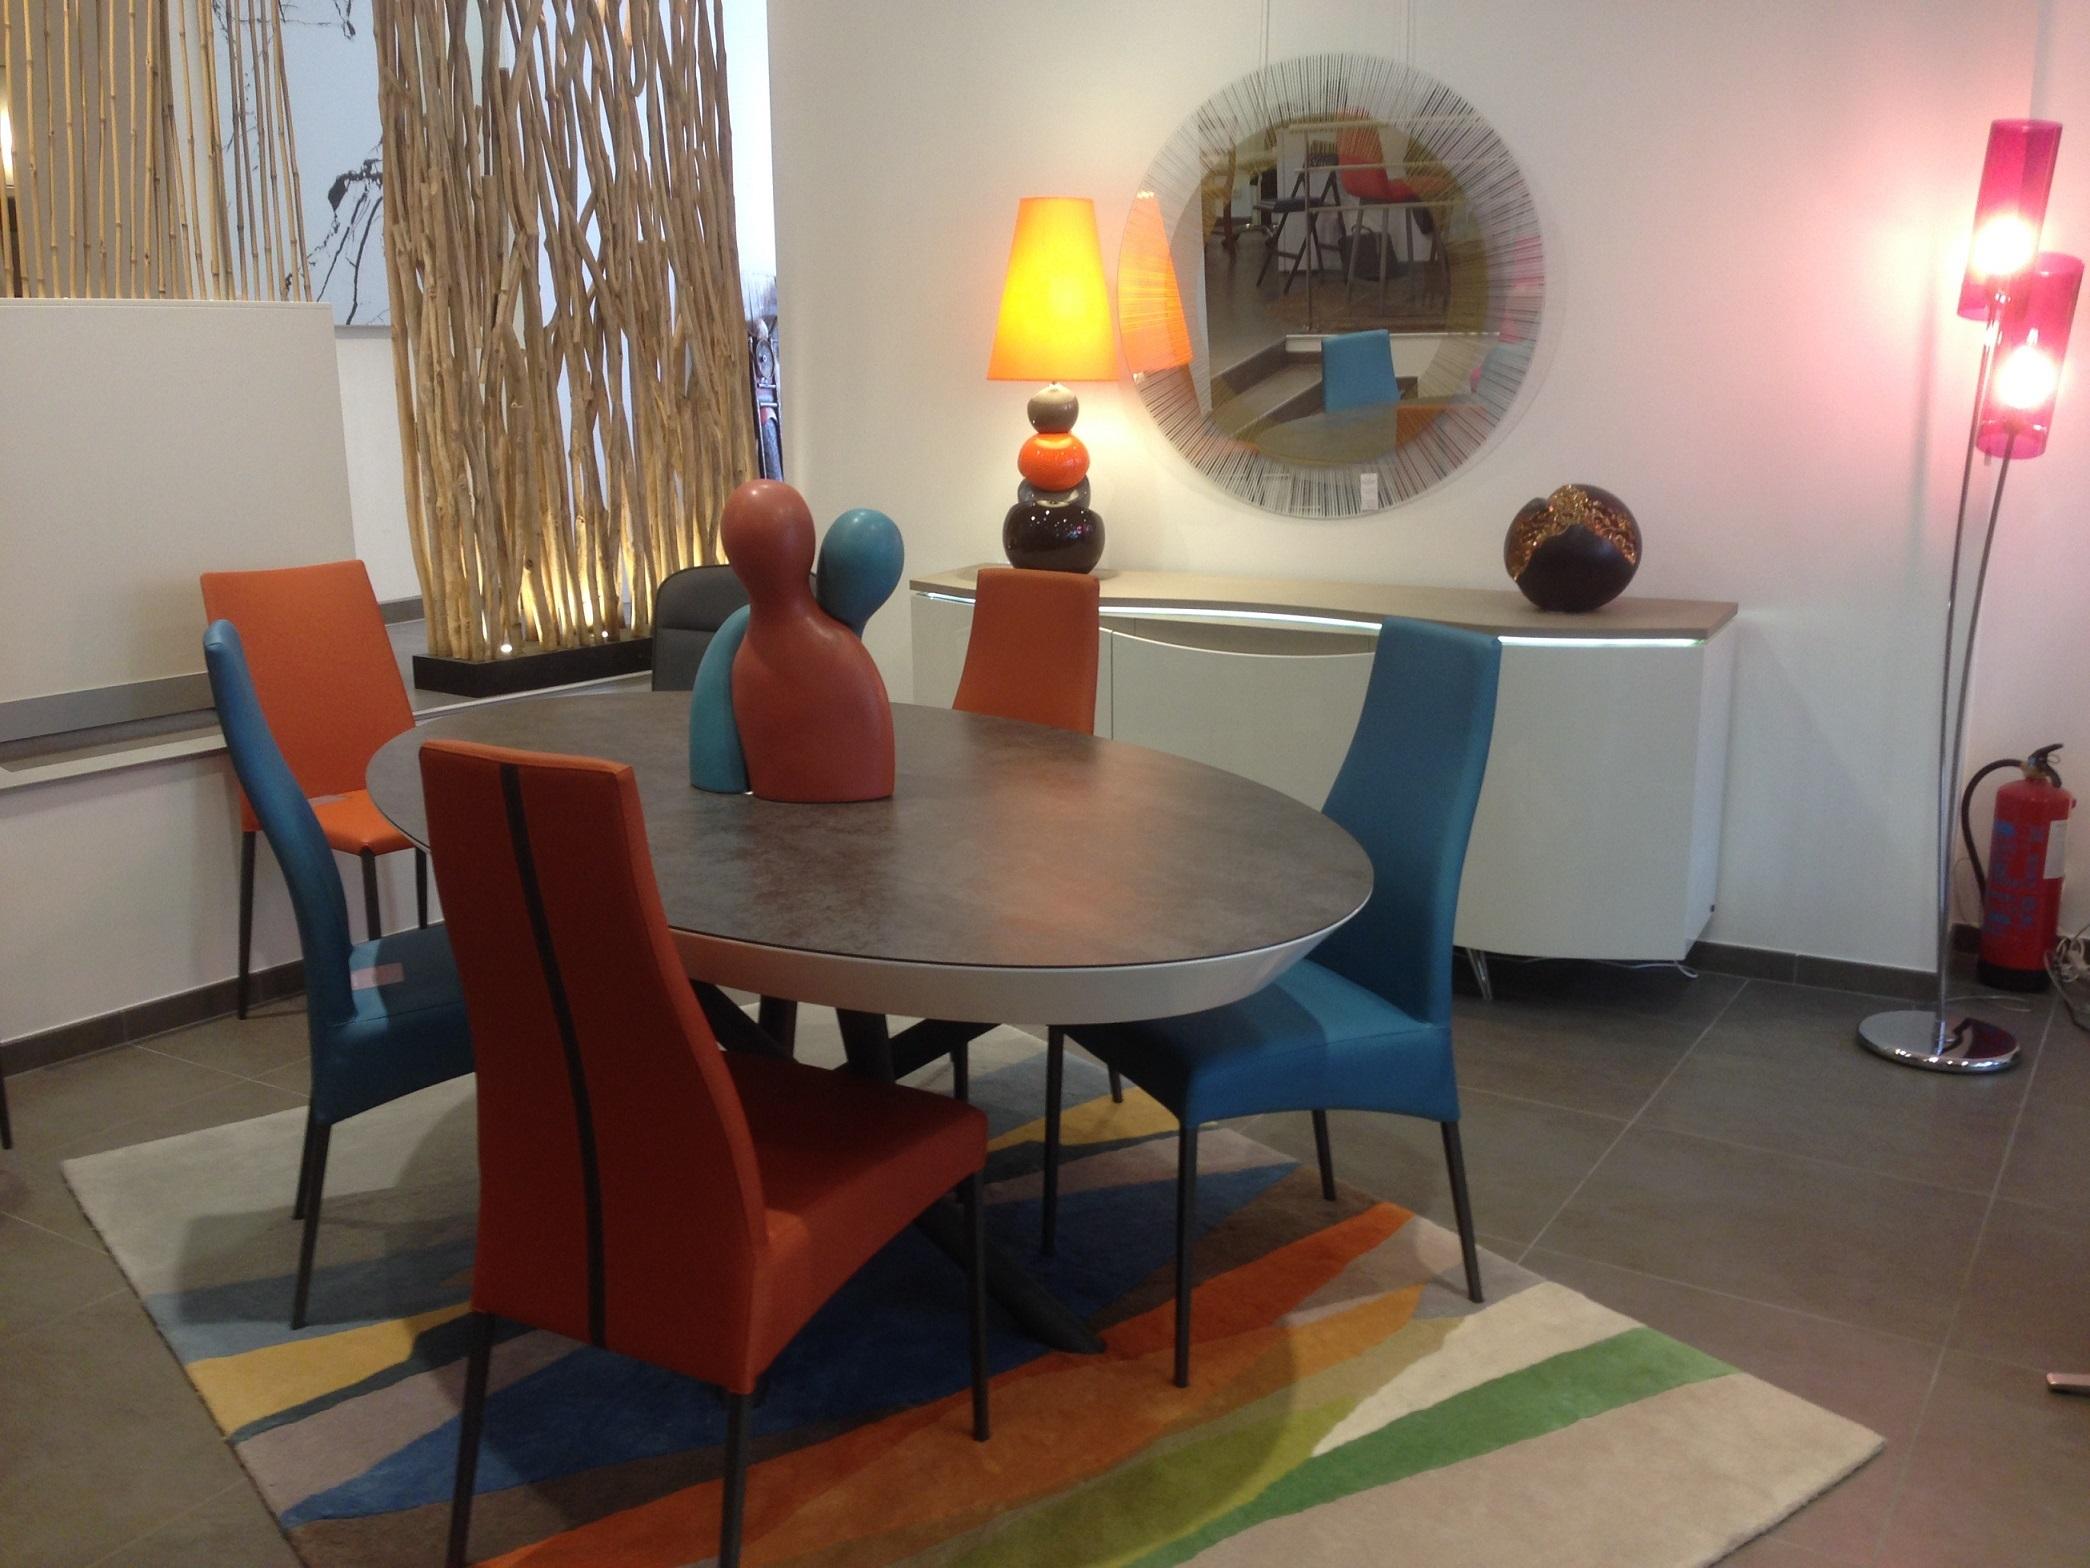 Galerie d'image - MEUBLES GORDET